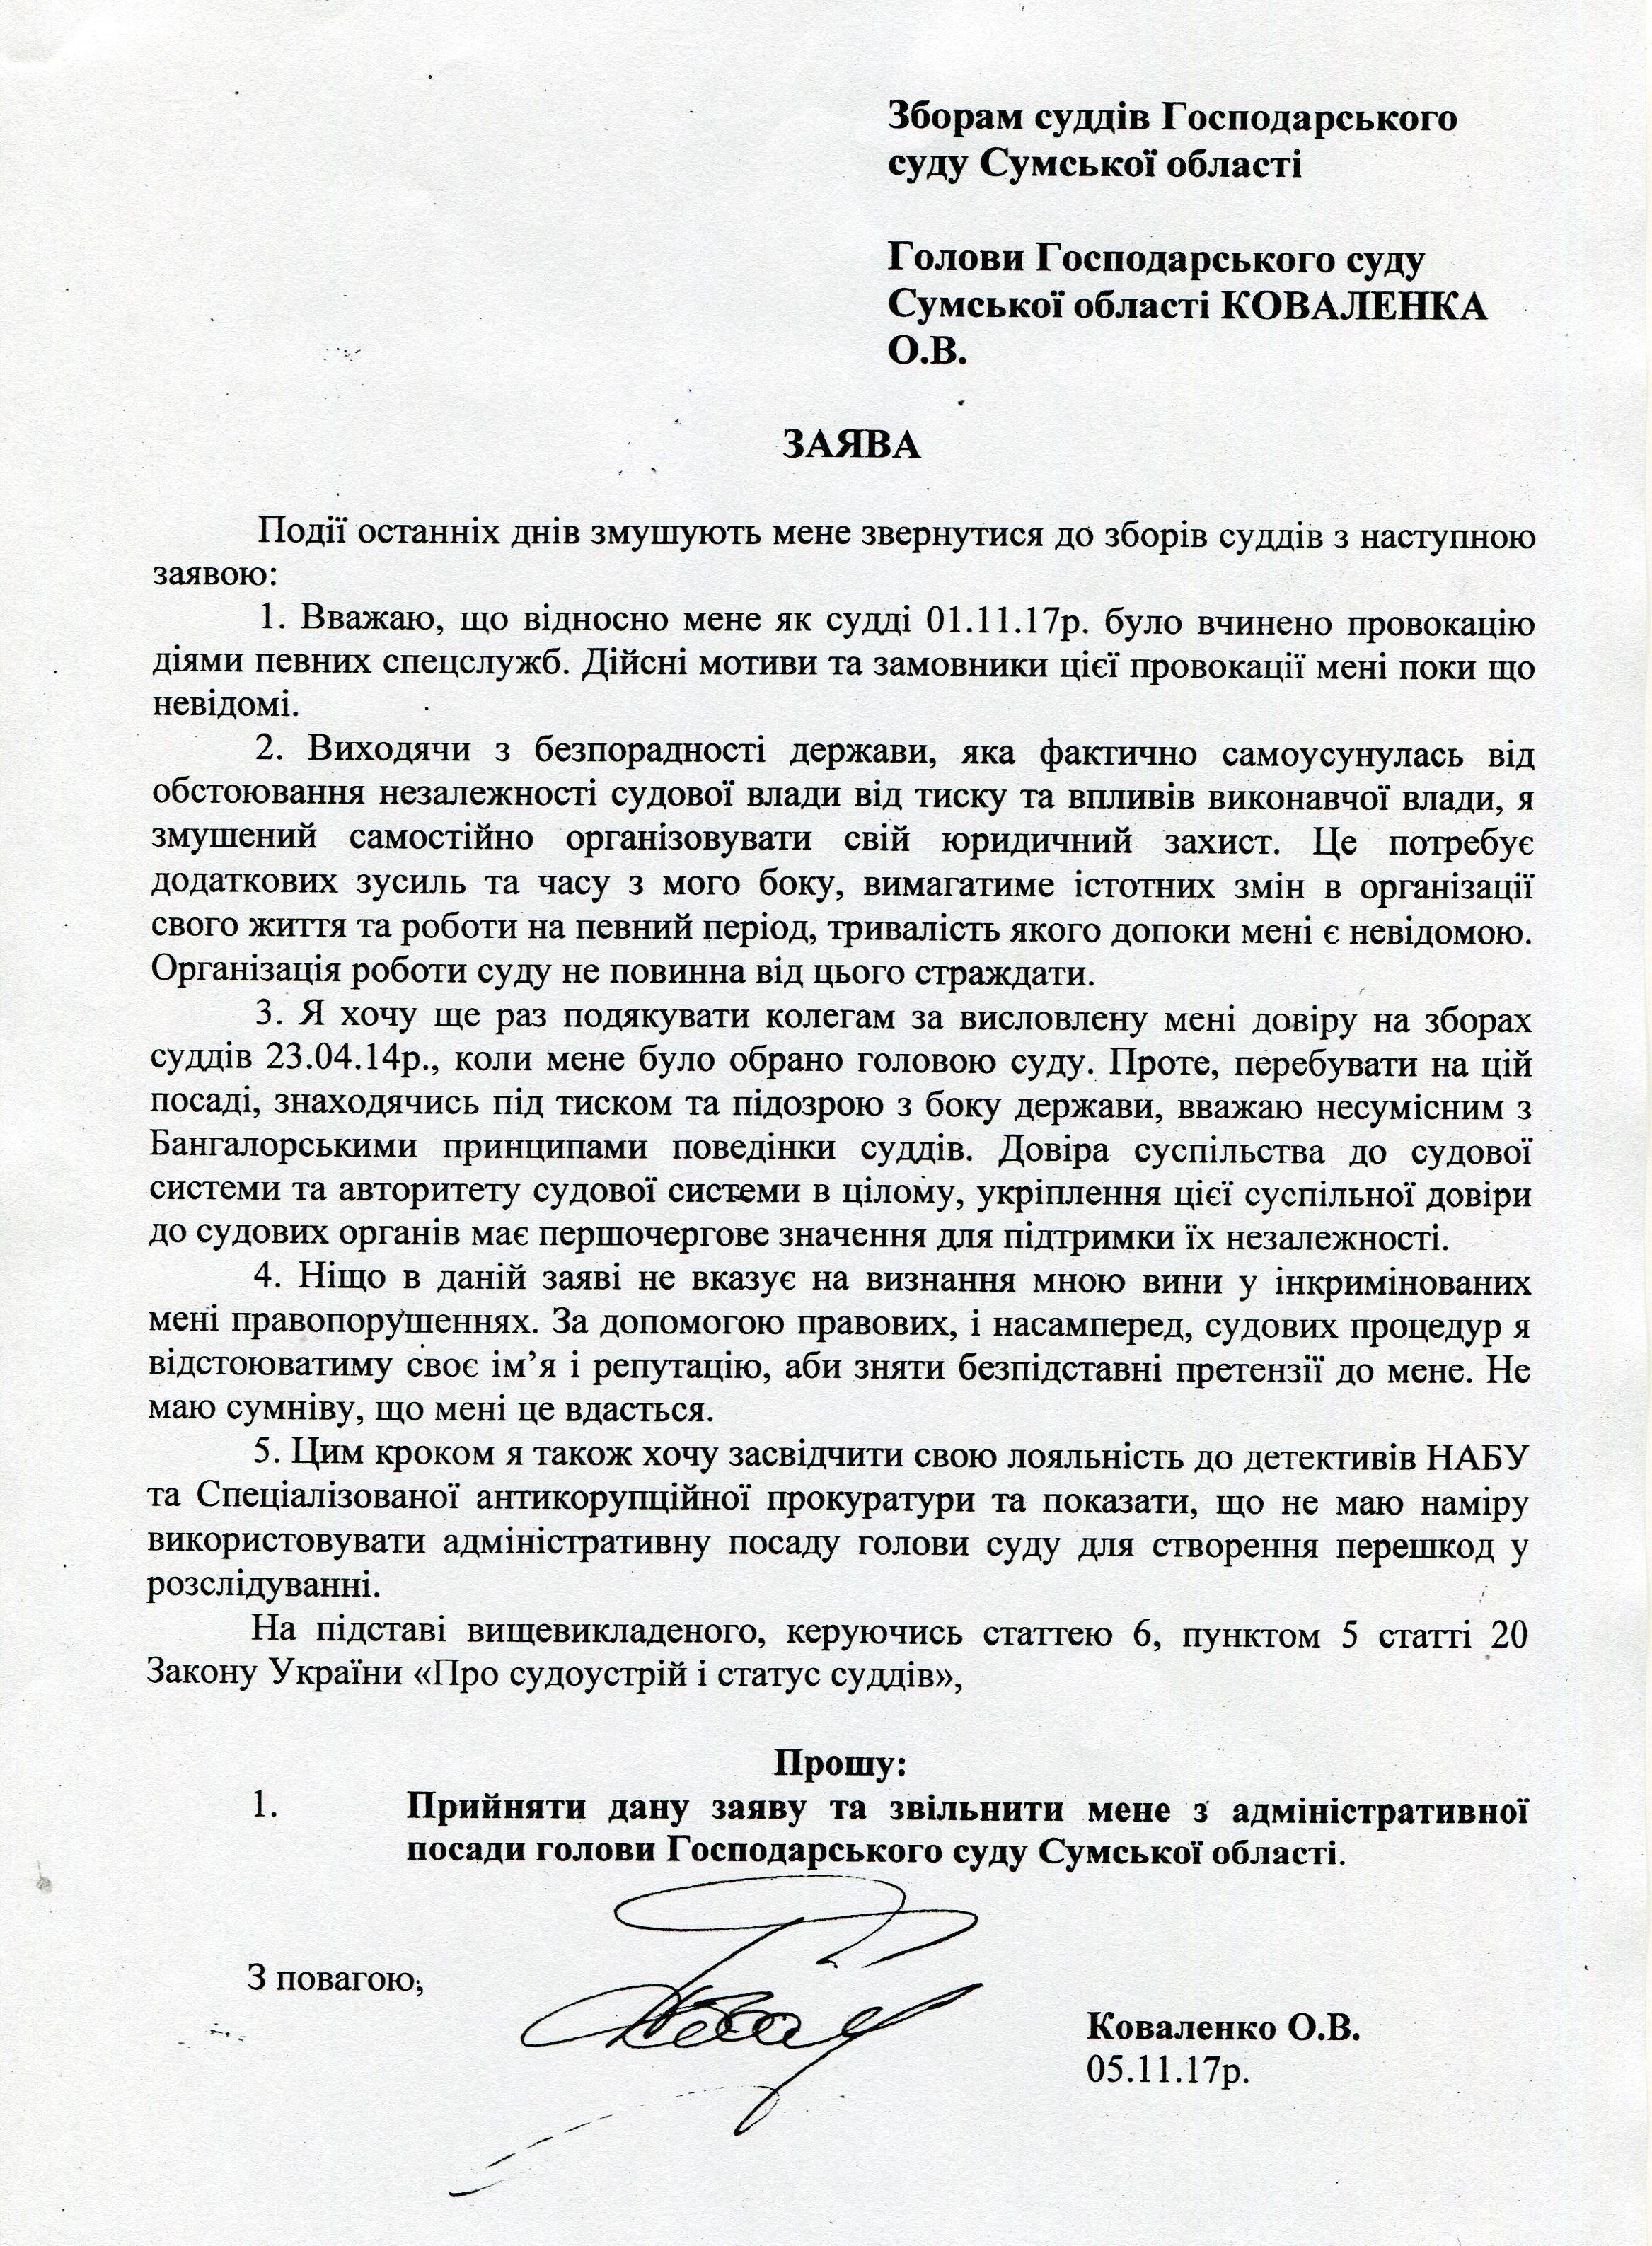 заява звільнення суддя коваленко